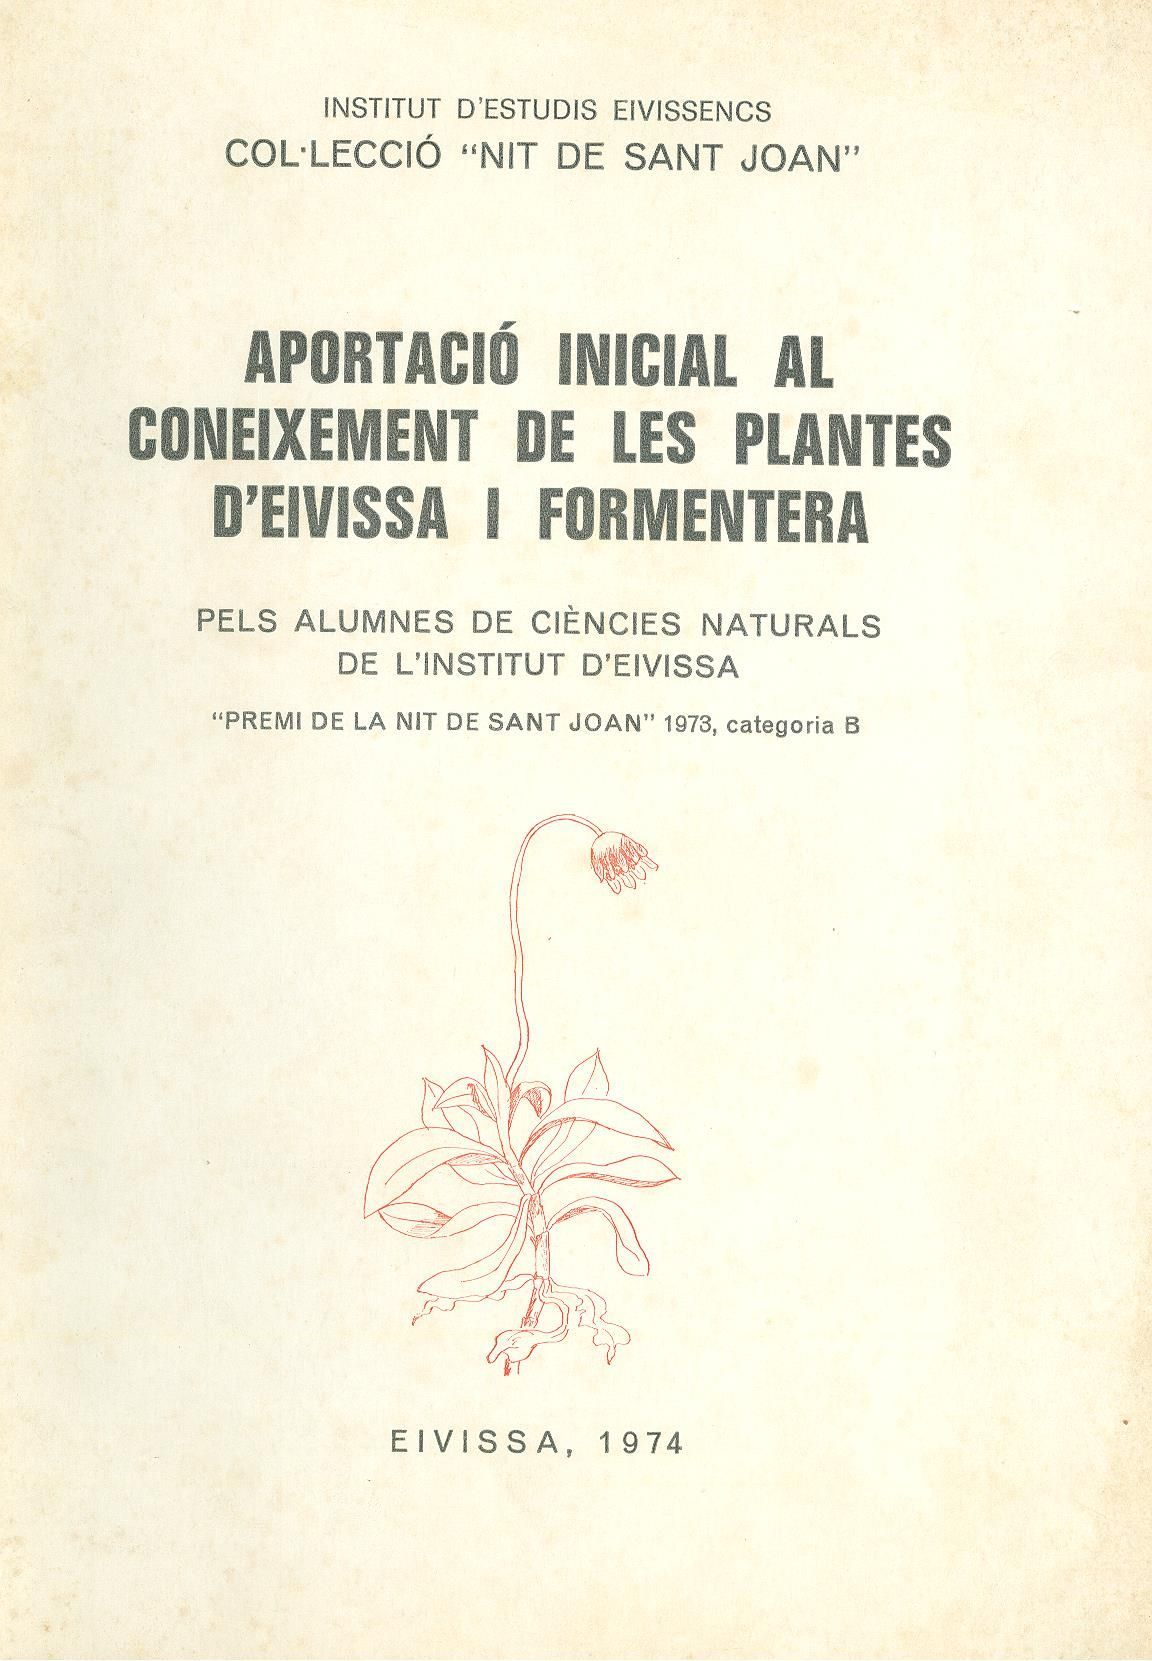 Aportació inicial al coneixement de les plantes d'Eivissa i Formentera